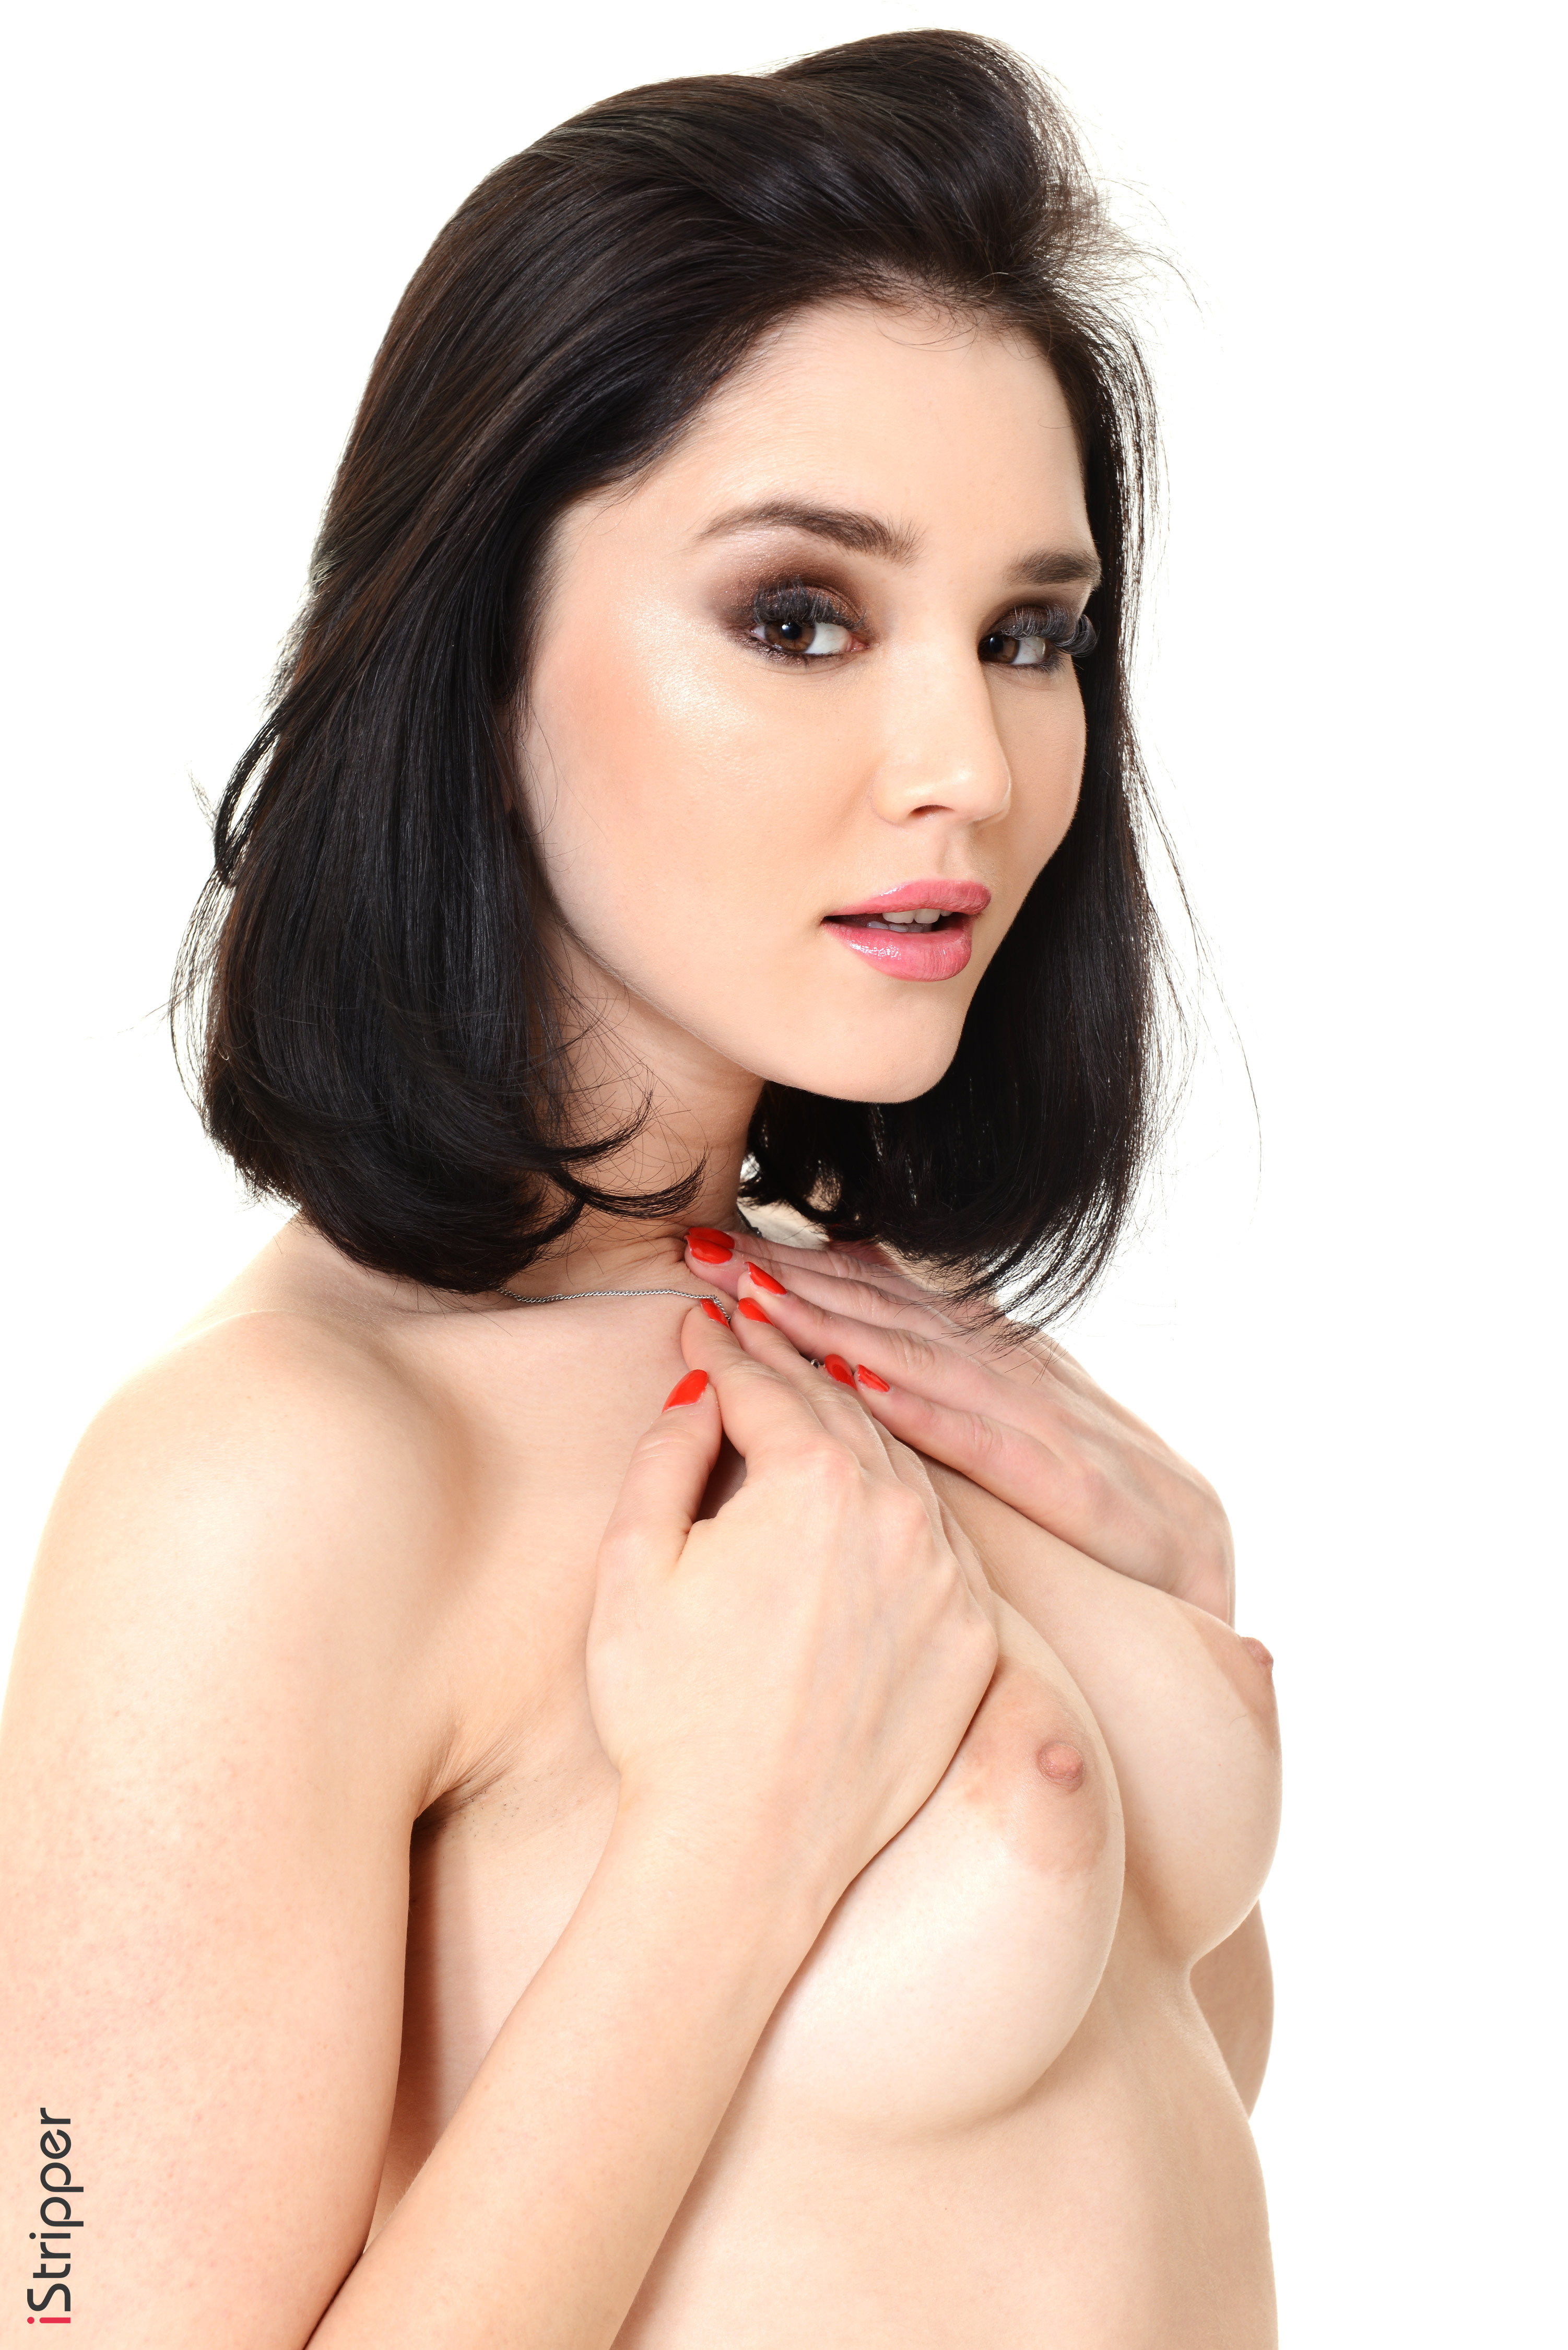 naked women wallpaper